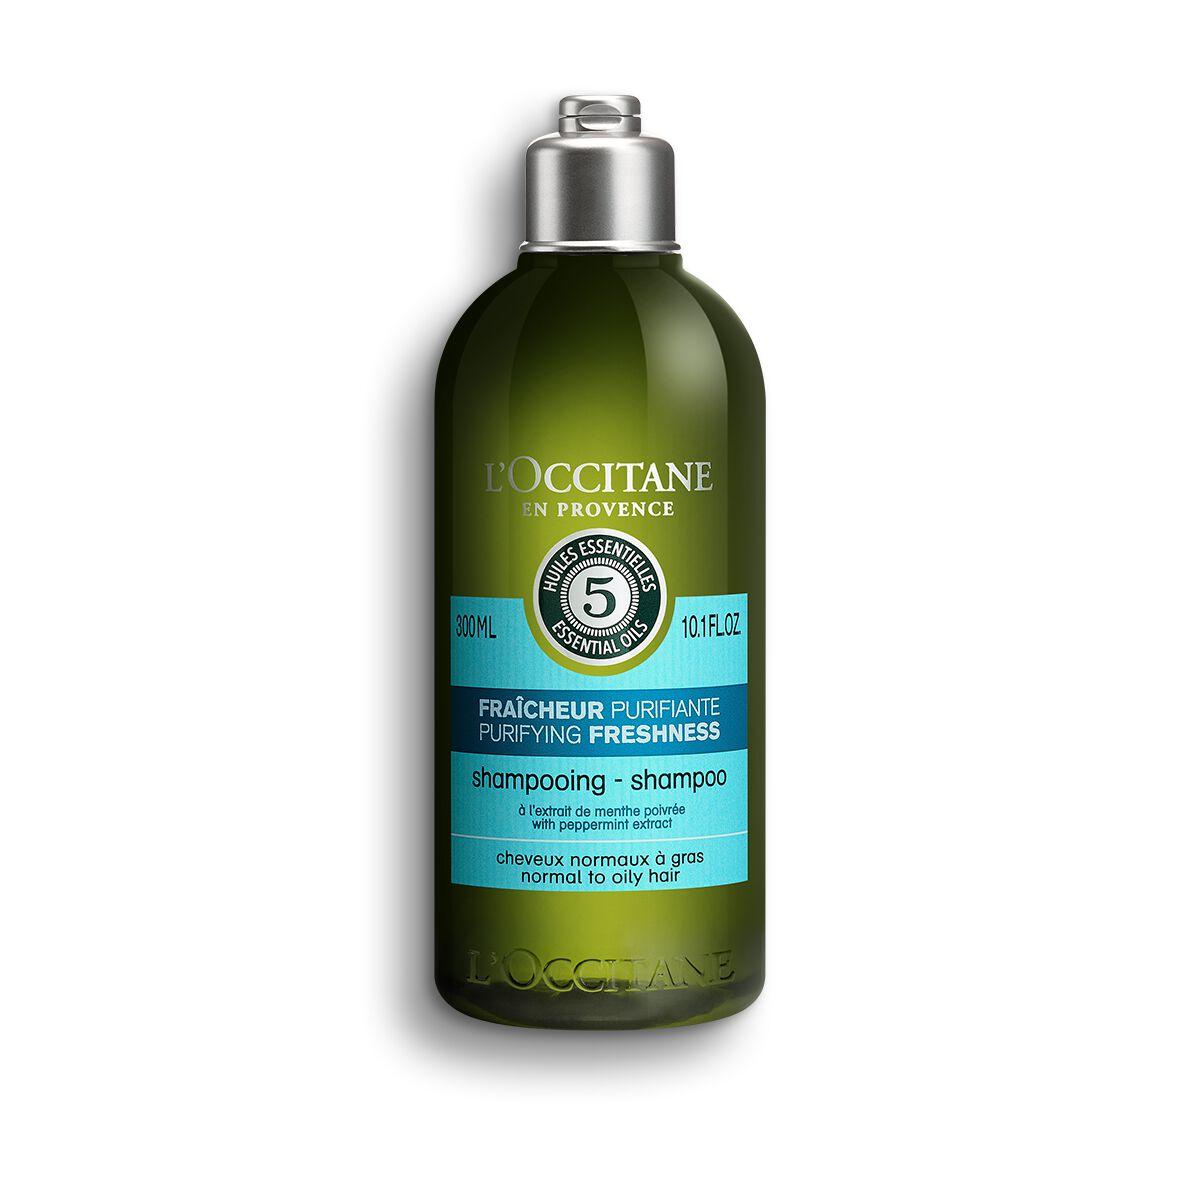 Aromachologie Purifying Freshness Shampoo 10.1